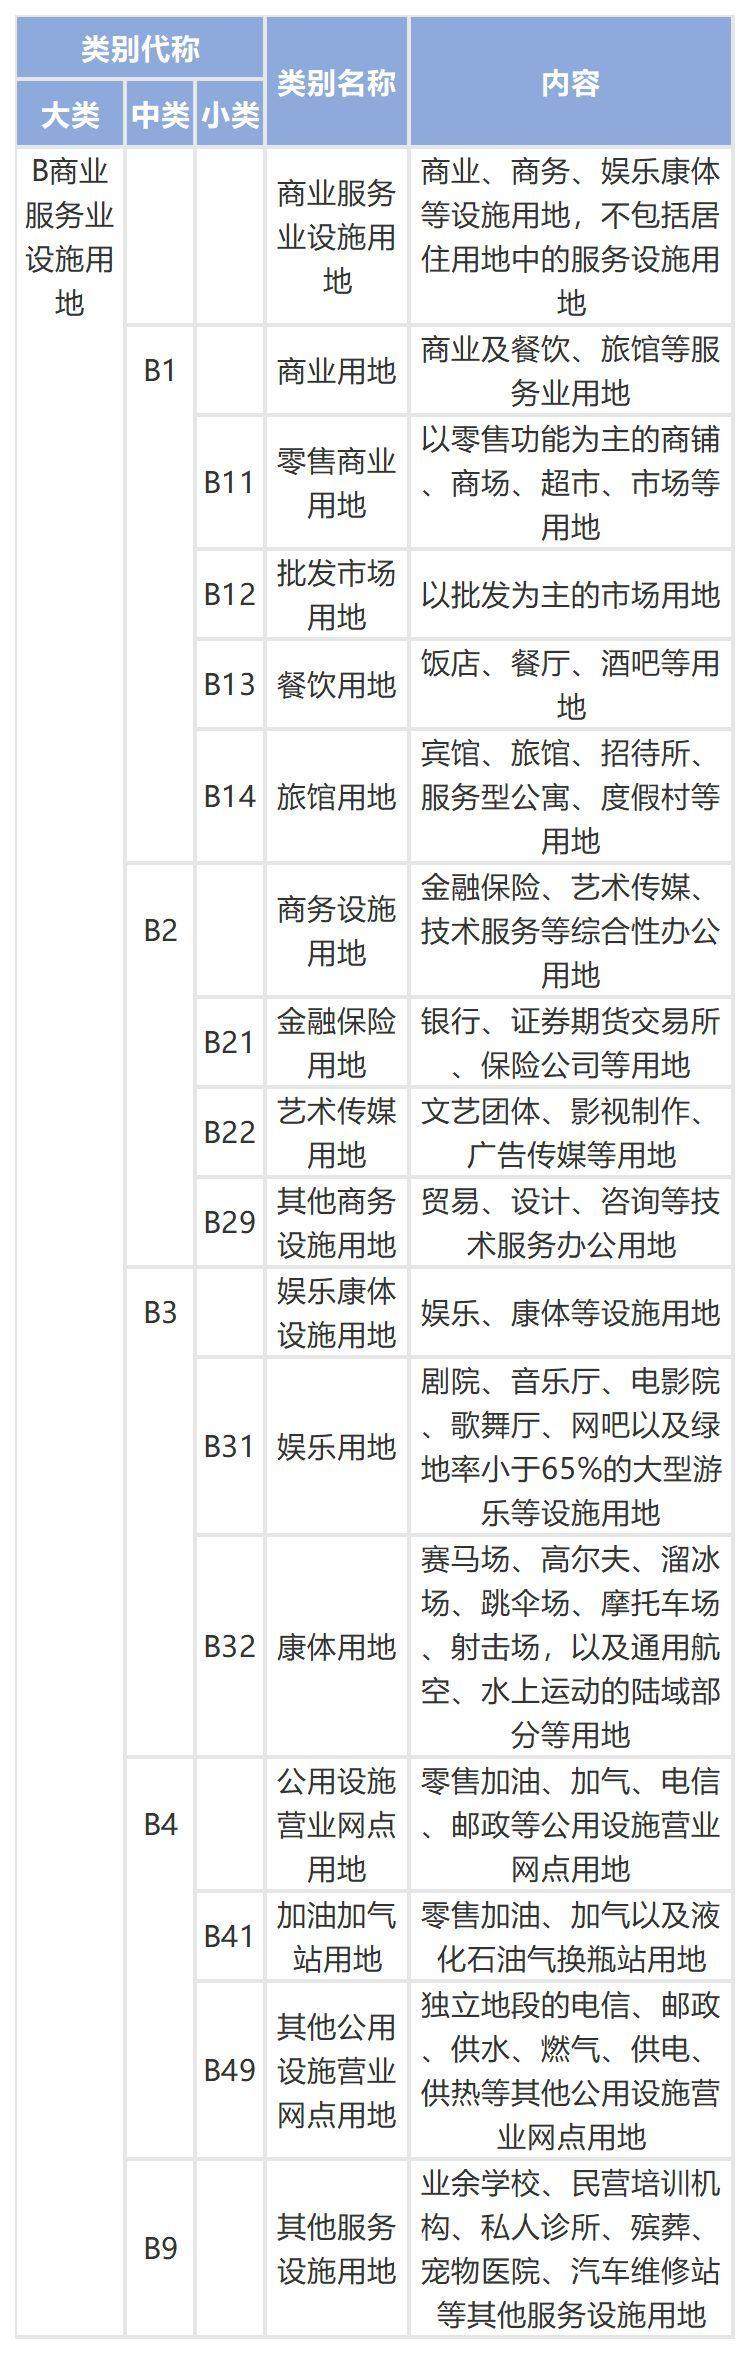 城乡用地与城市建设用地分类标准_5